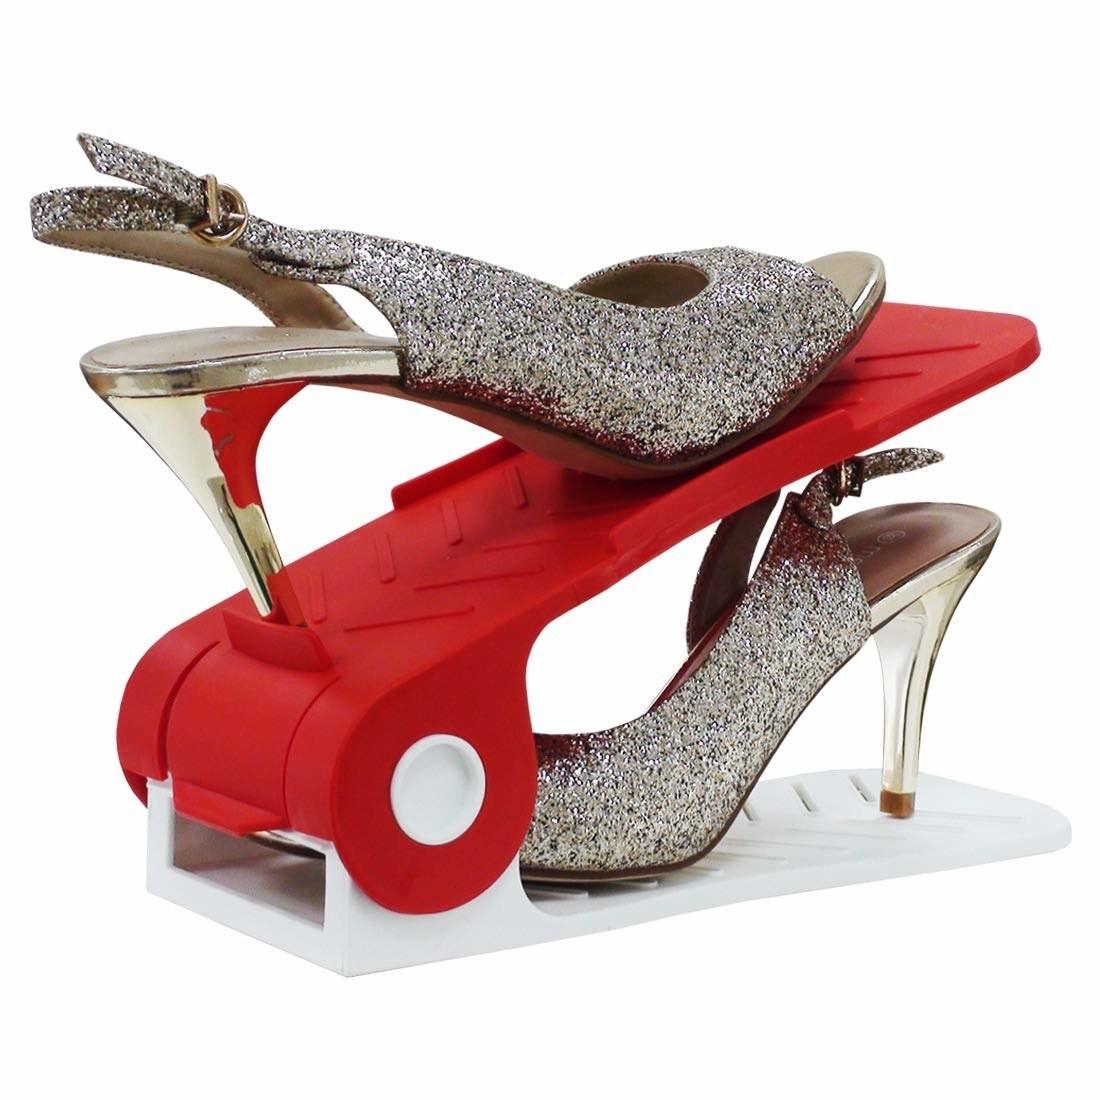 Shoe organiser with heels